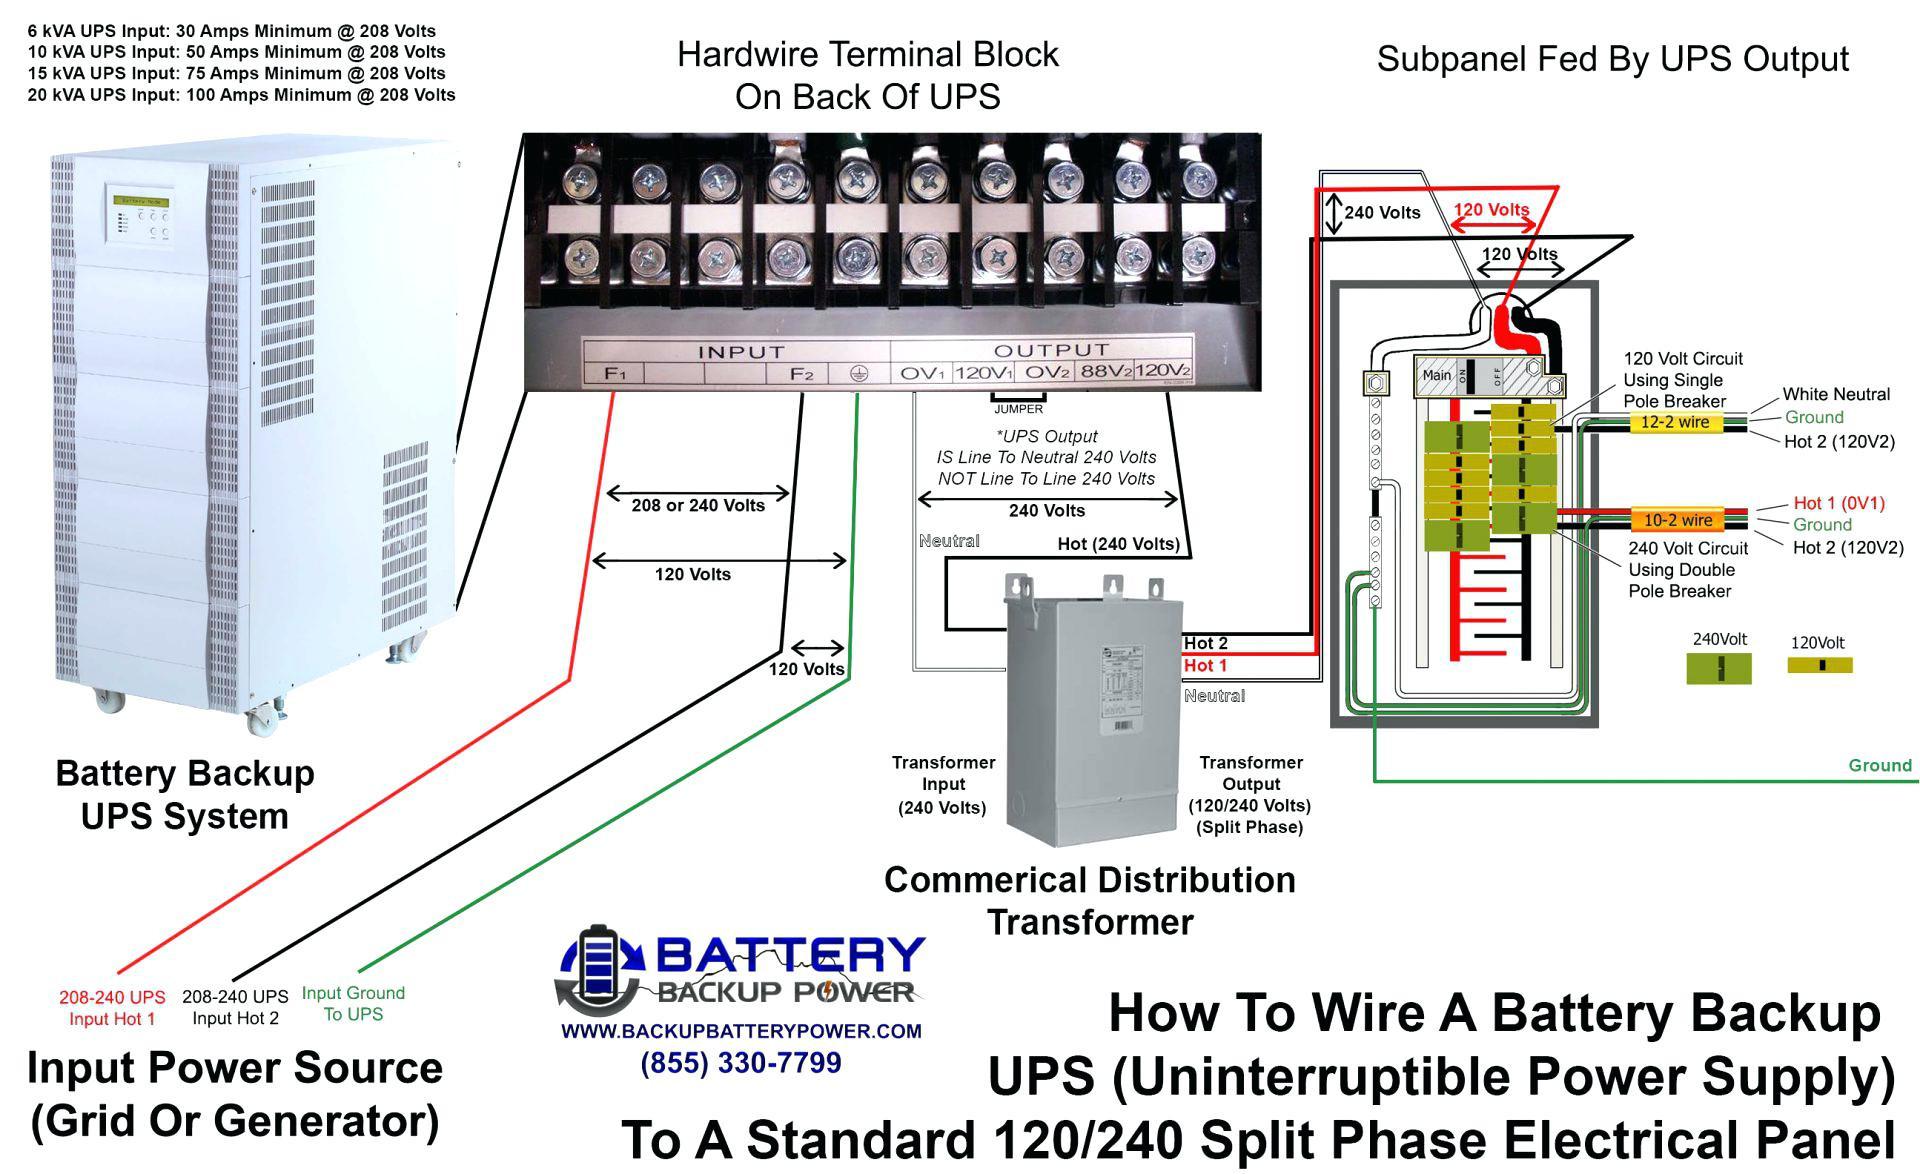 50 amp gfci breaker wiring diagram aprilaire 700 nest for manual e books